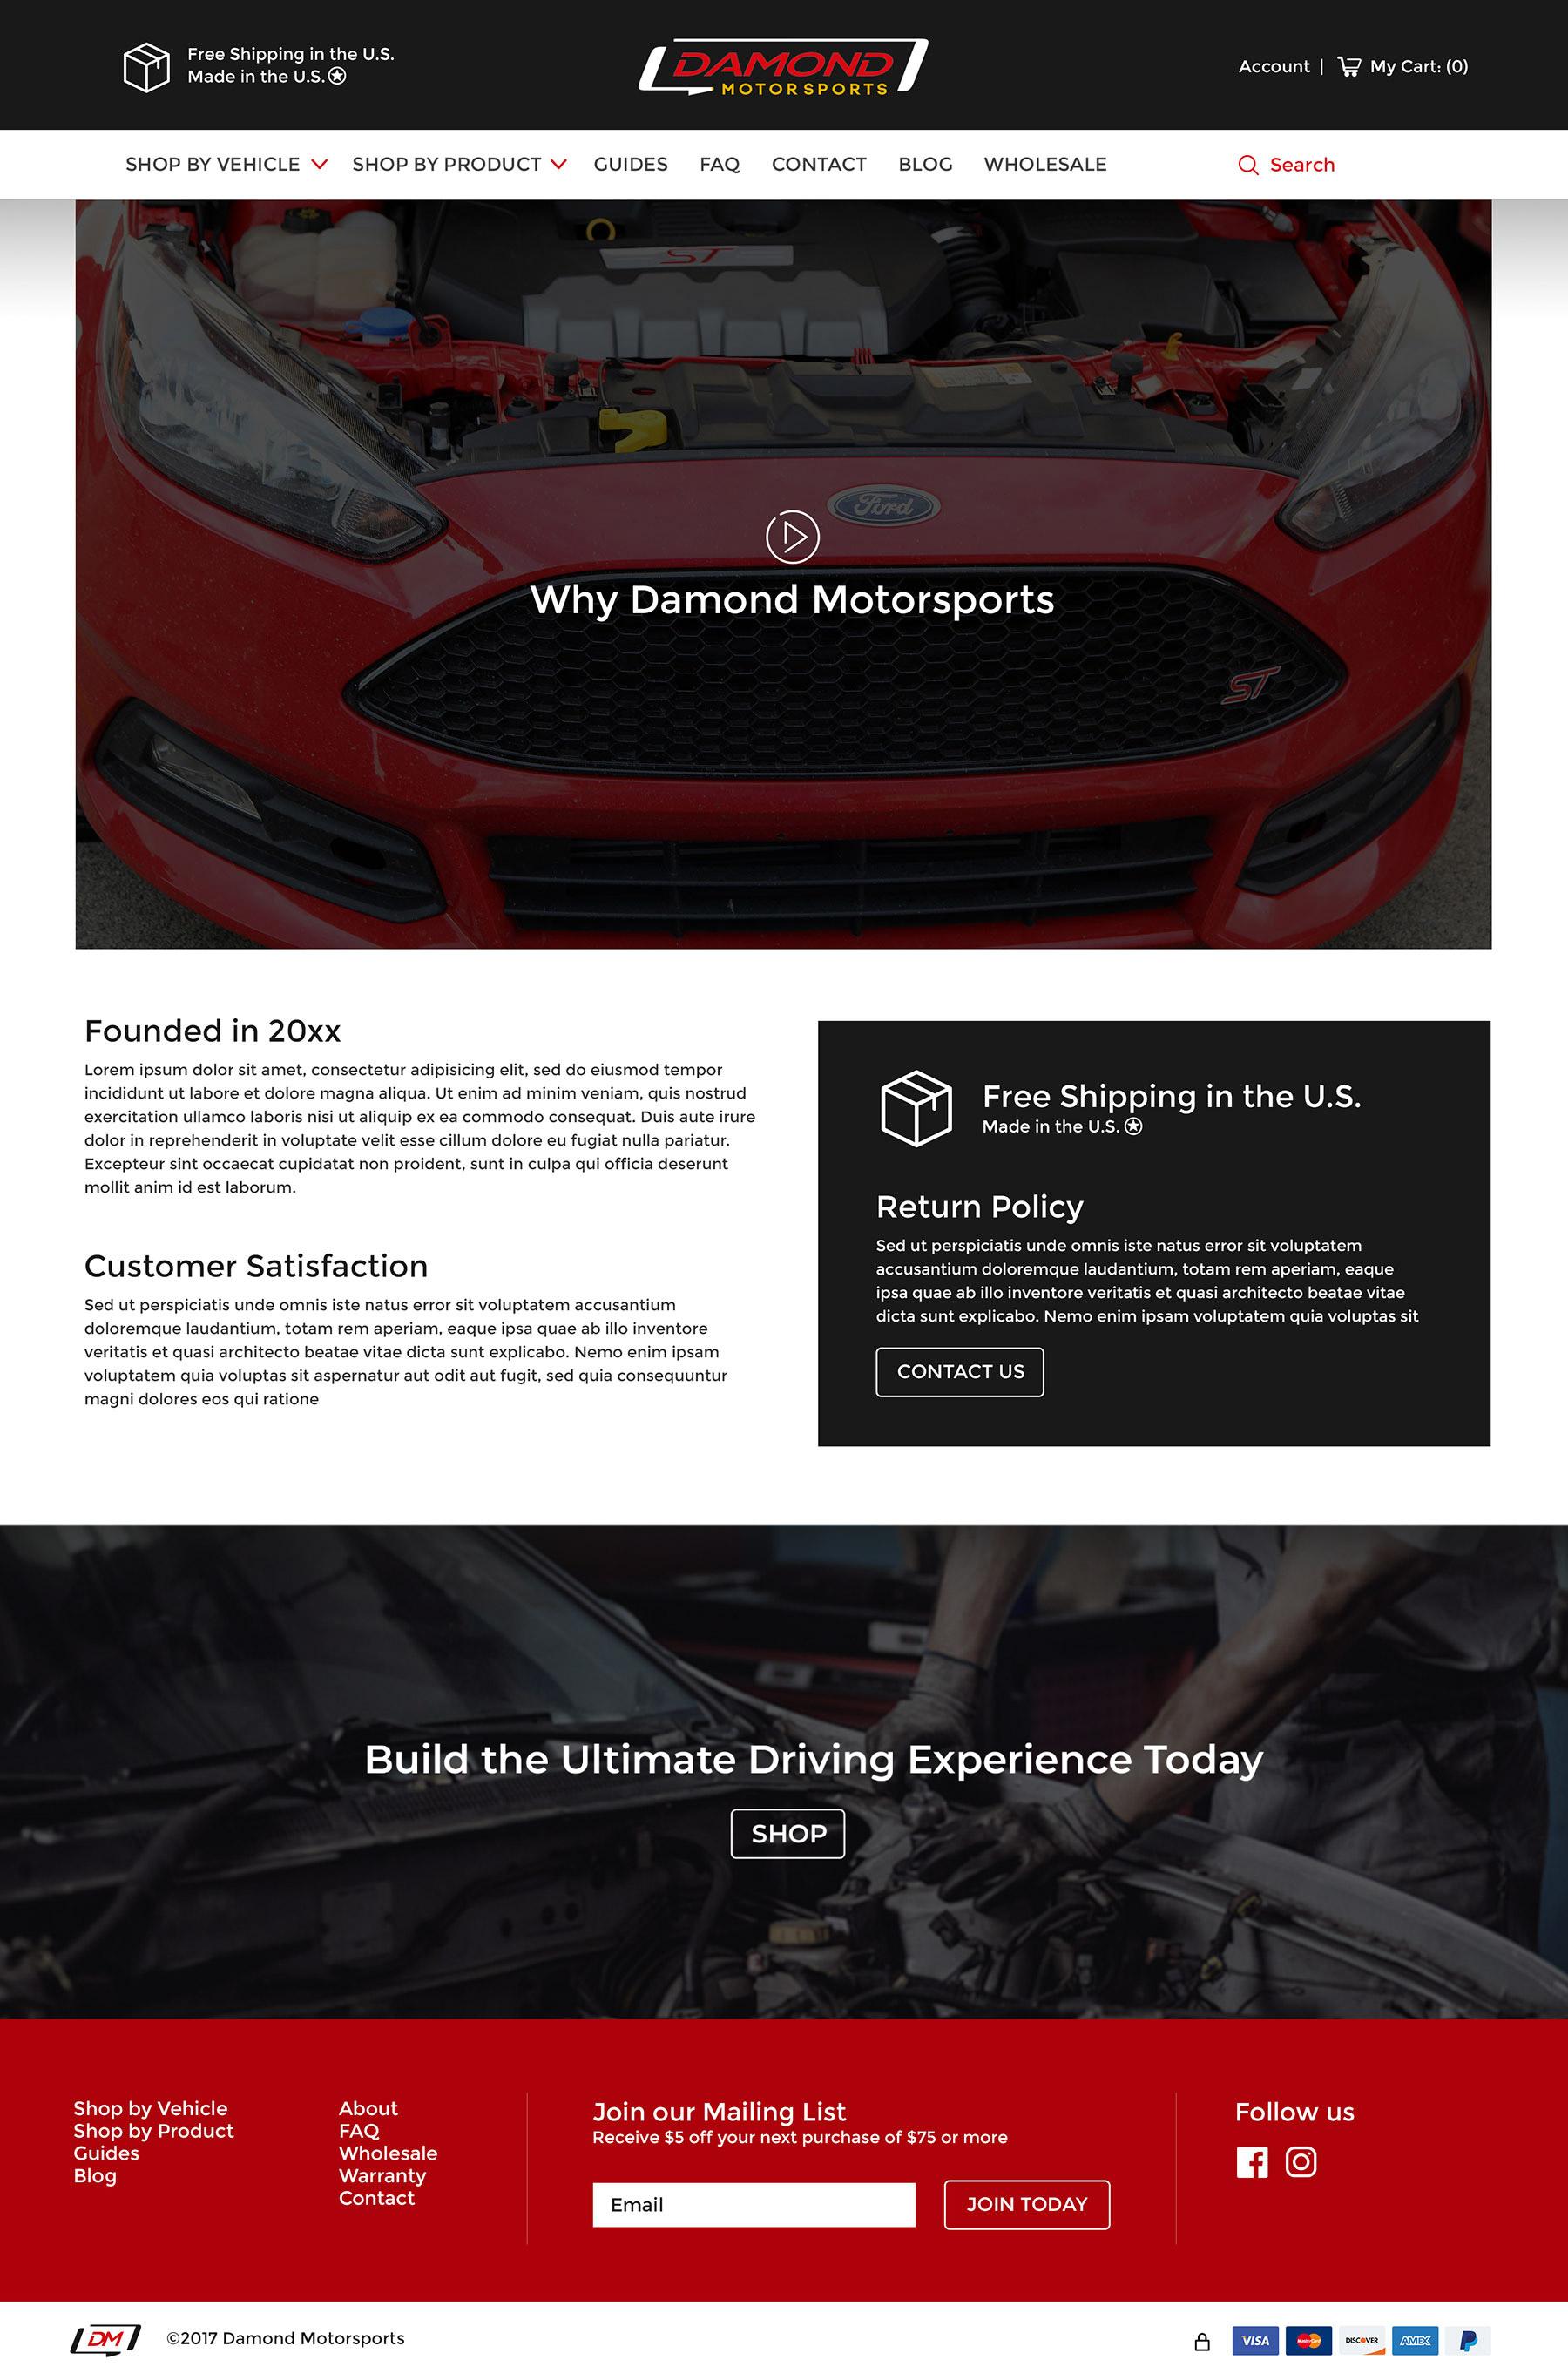 Damond Motorsports About Page